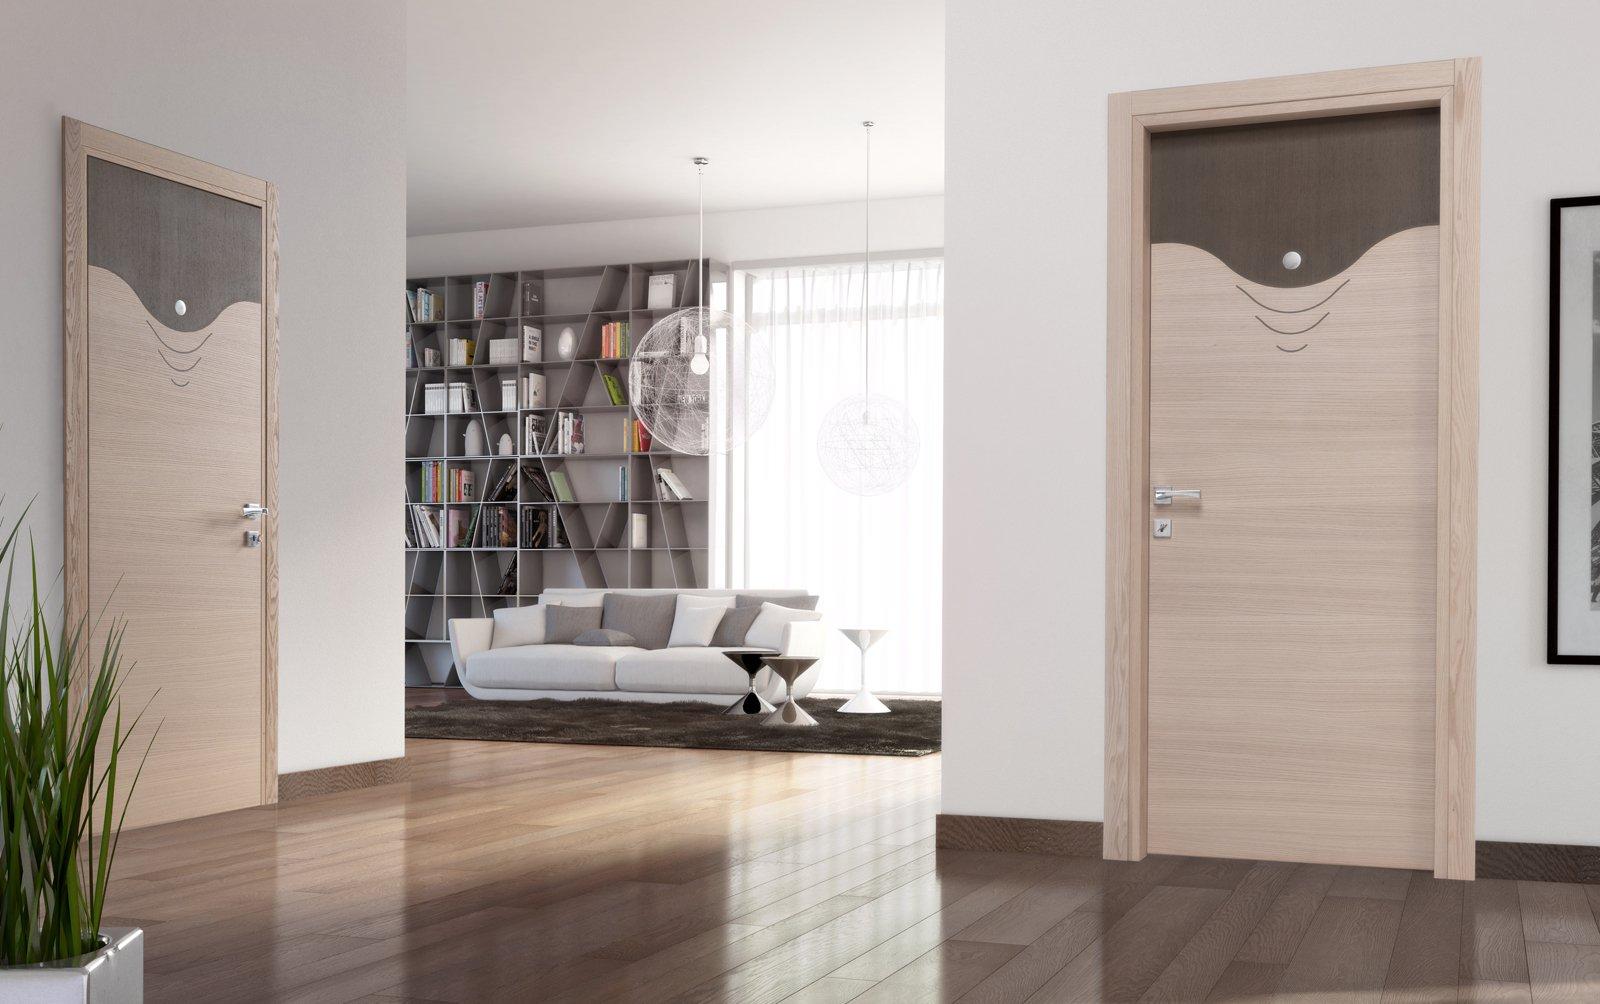 porte e arredo: i consigli su come abbinare stili e rifiniture ... - Design Della Porta In Legno Moderno Con Vetro